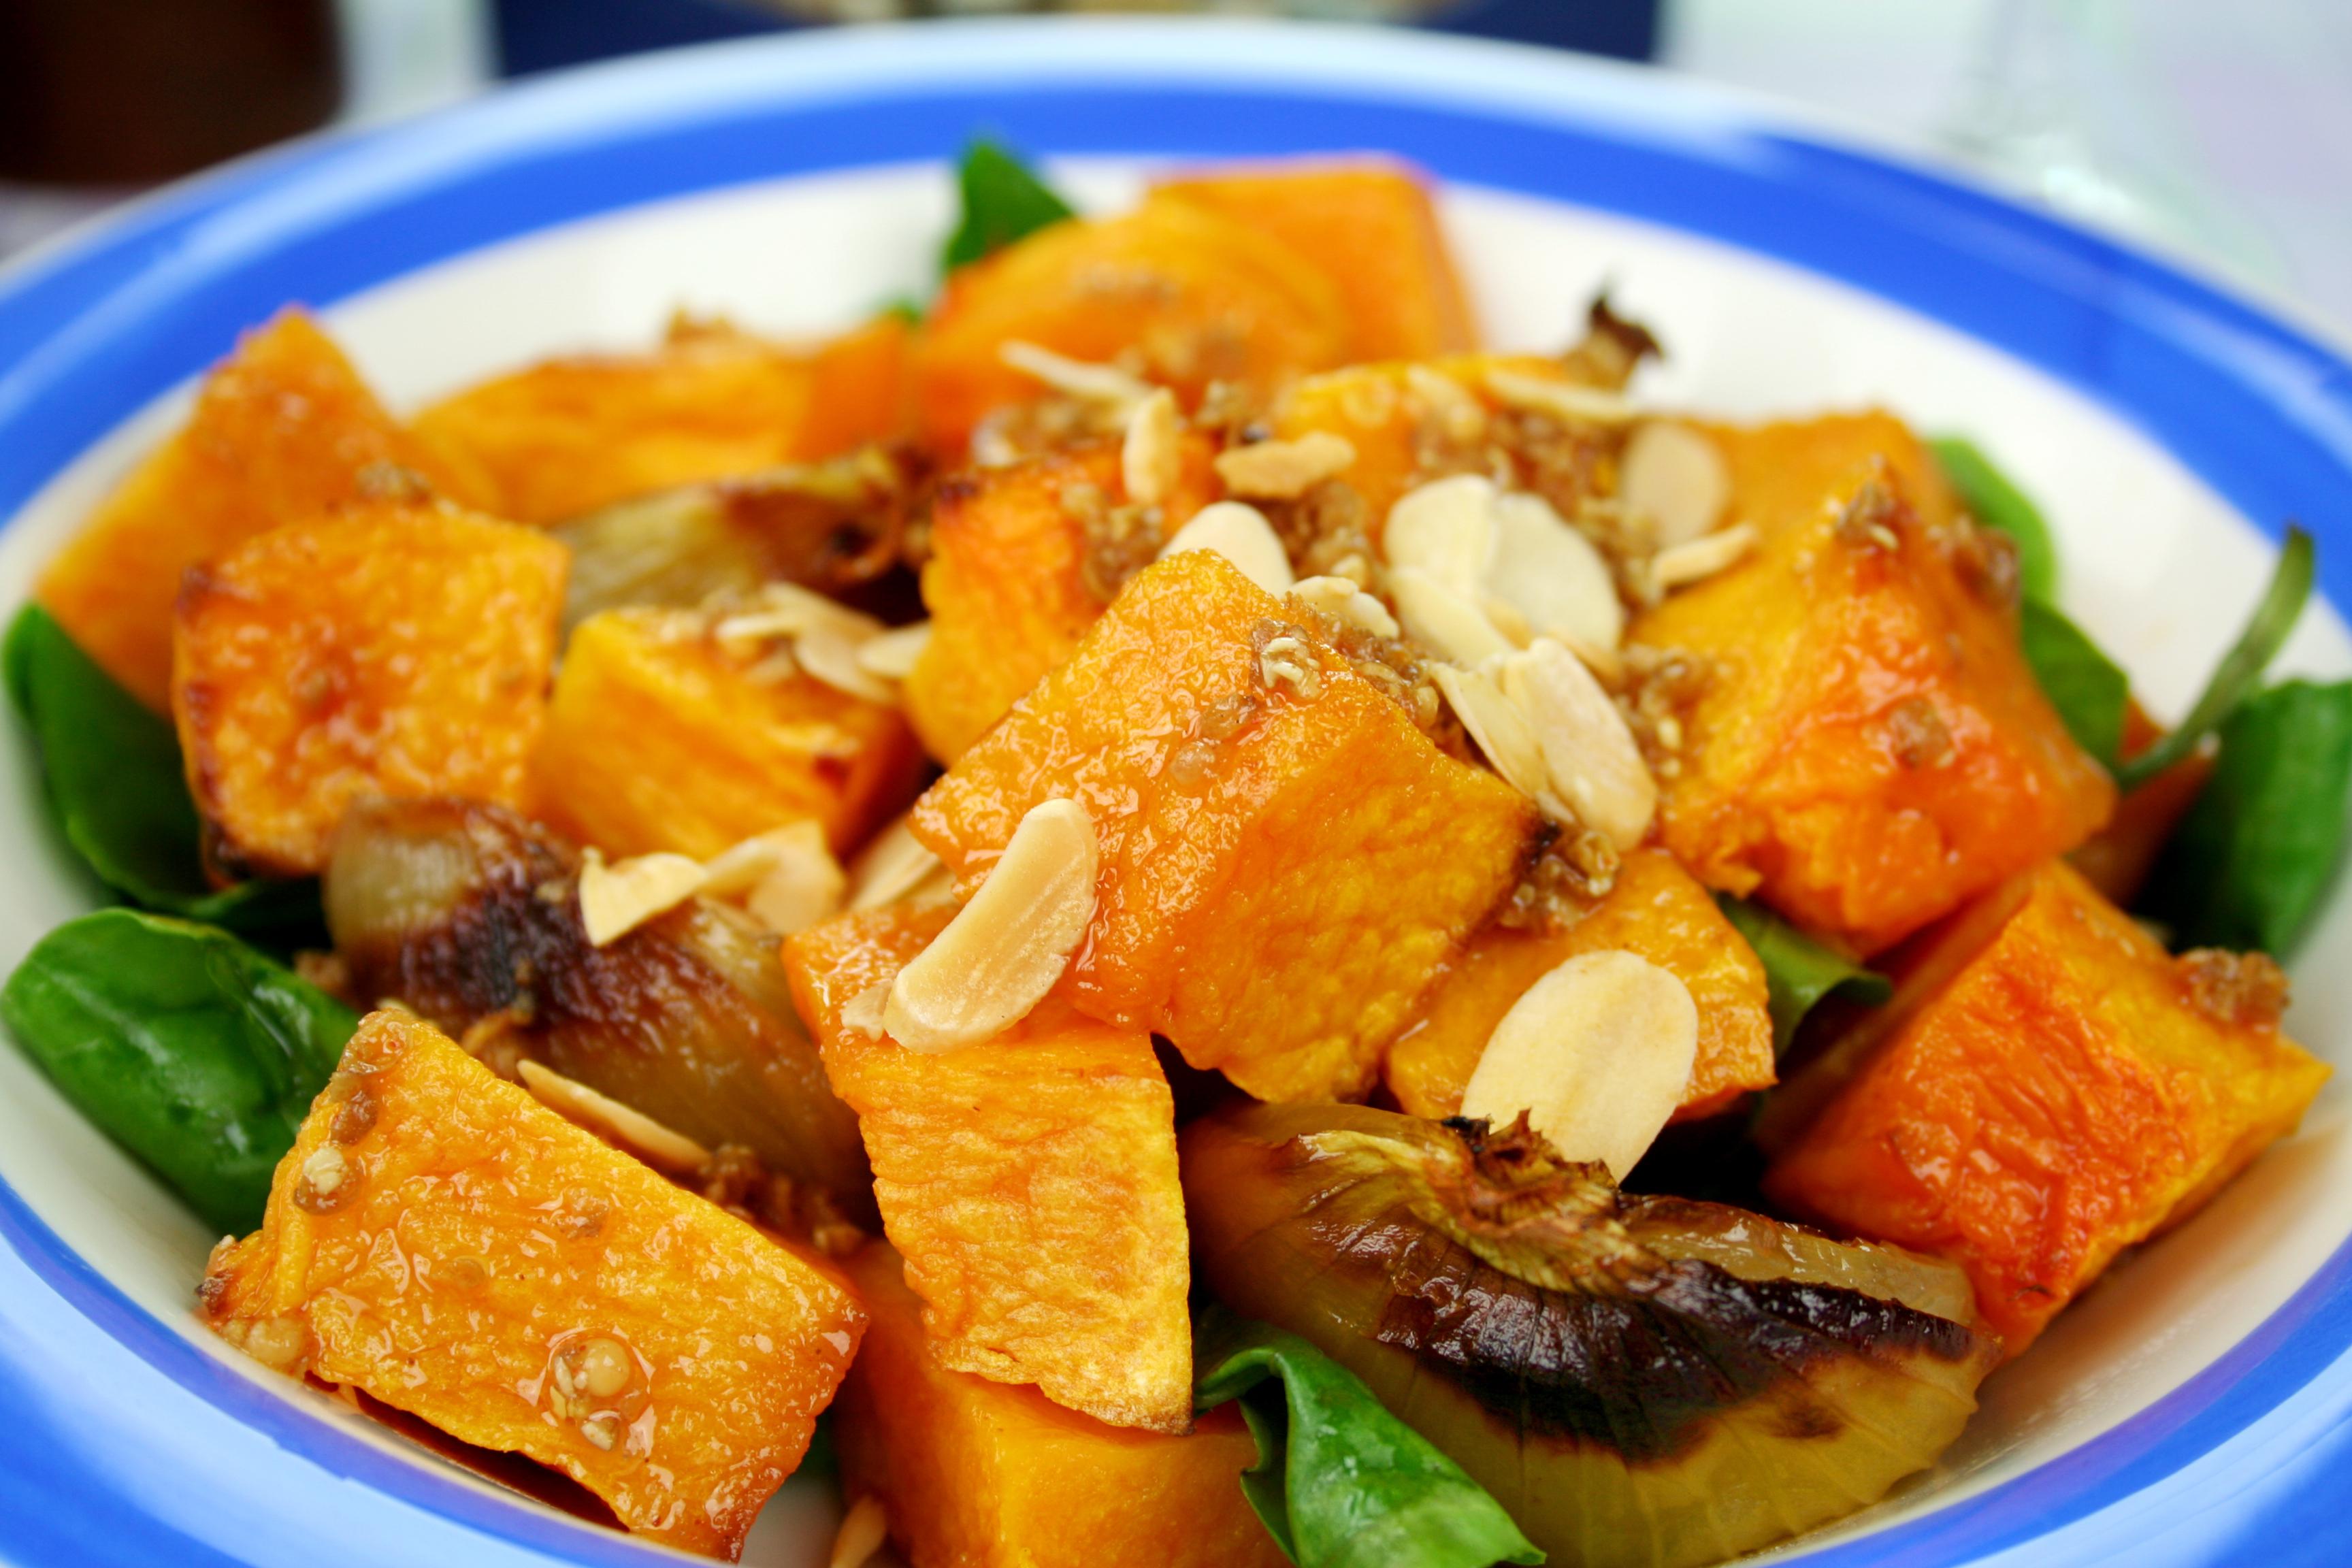 Ensalada templada de espinacas, calabaza, cebolla y almendras